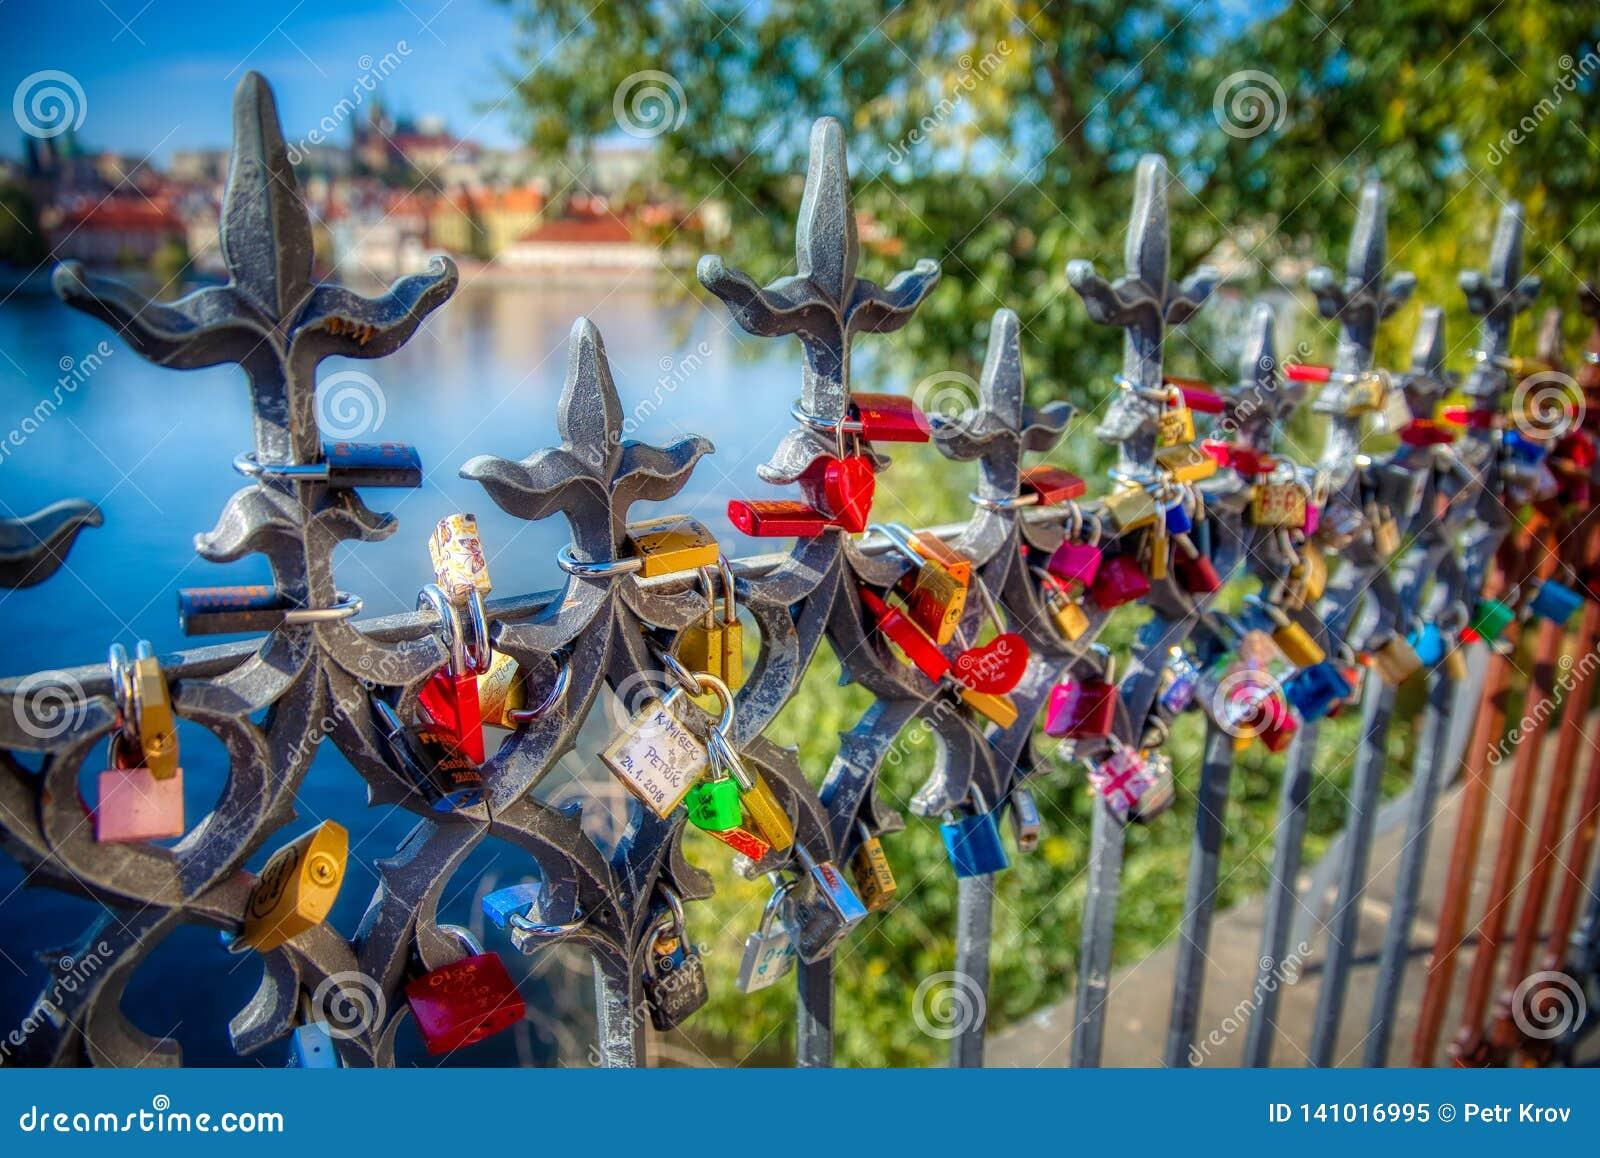 Prag-Verschlüsse der Liebe mit Blick auf Prag-Schloss